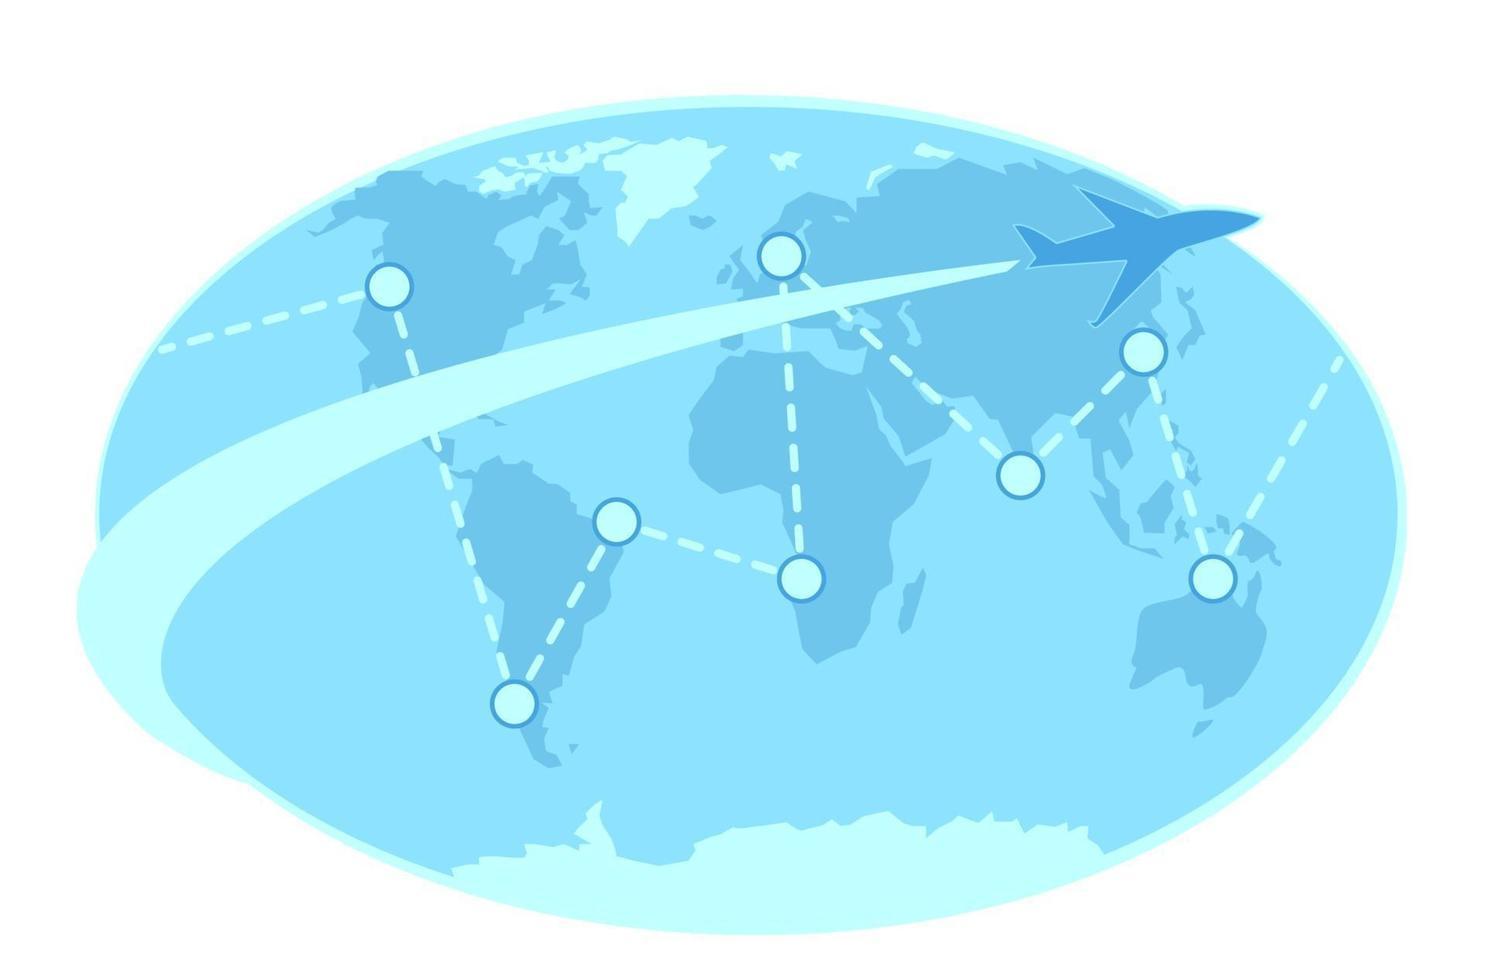 illustrazione della mappa del mondo di viaggio di volo. progettazione di viaggi d'affari. aereo piatto con segni di destinazione sul modello di paesi. elemento grafico del turismo. vacanza, concetto di viaggio isolato sfondo bianco. vettore